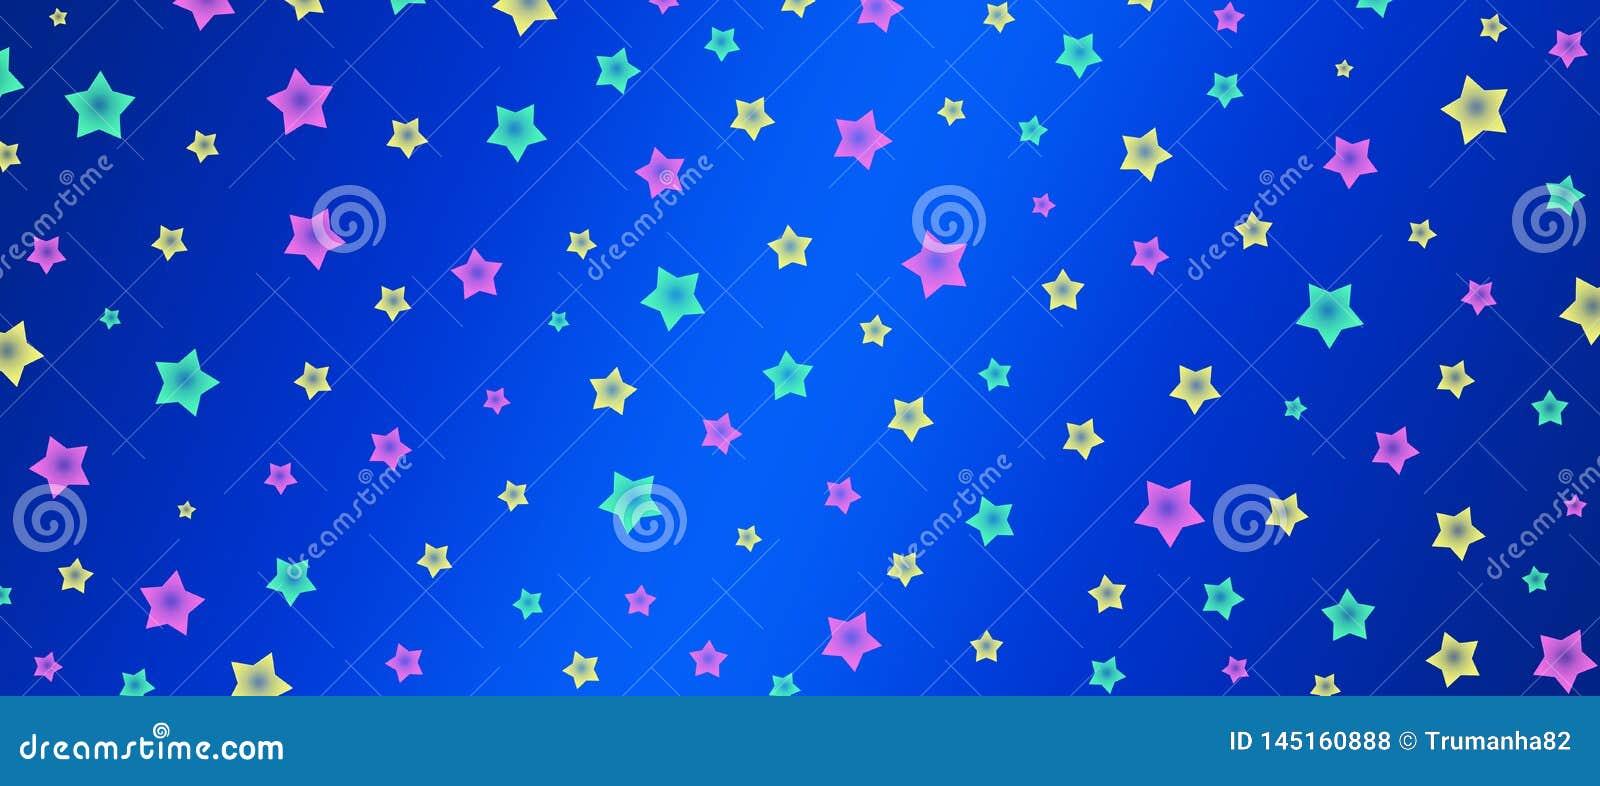 Las estrellas del rosa, verdes y amarillas modelan en bandera azul del fondo